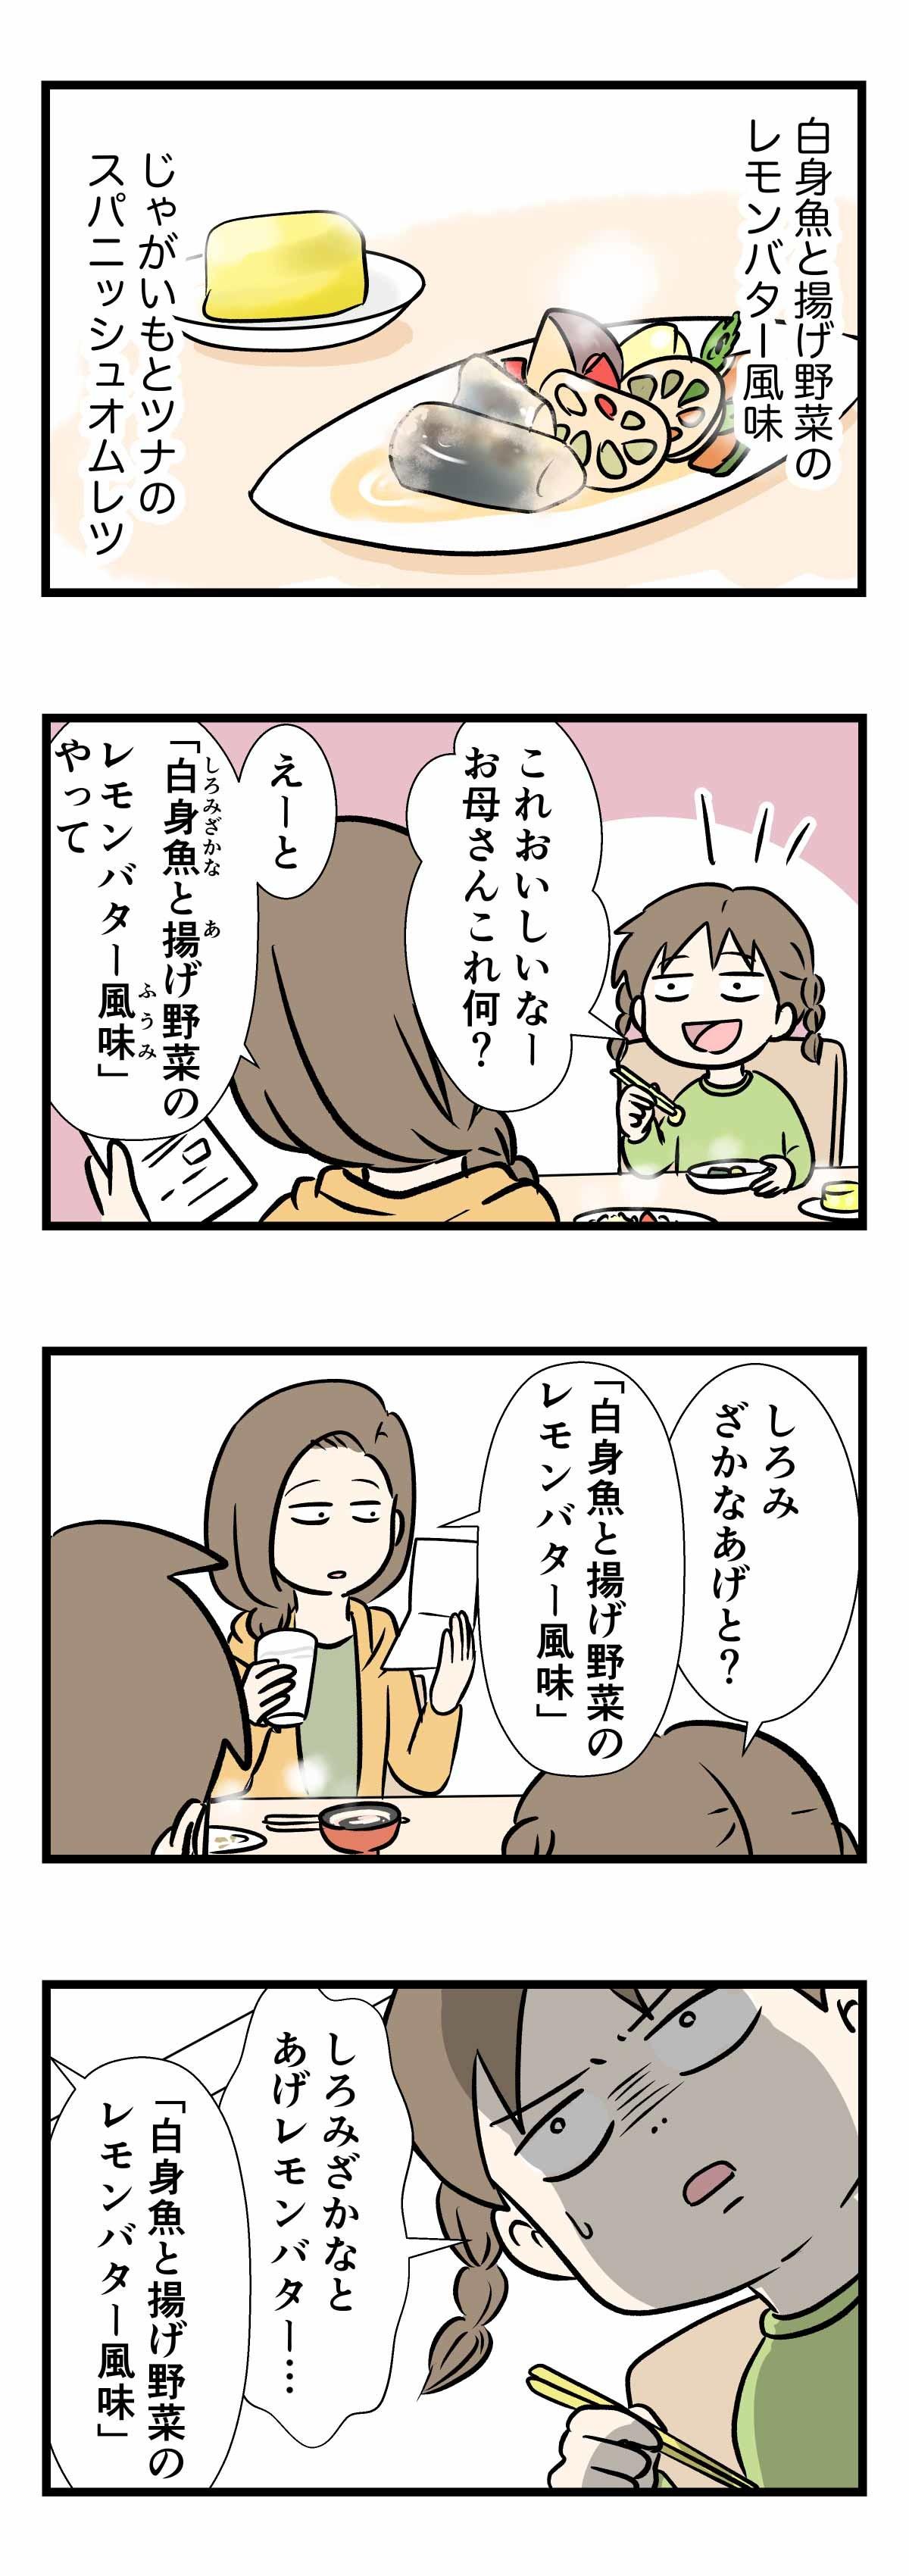 emuhujin_1